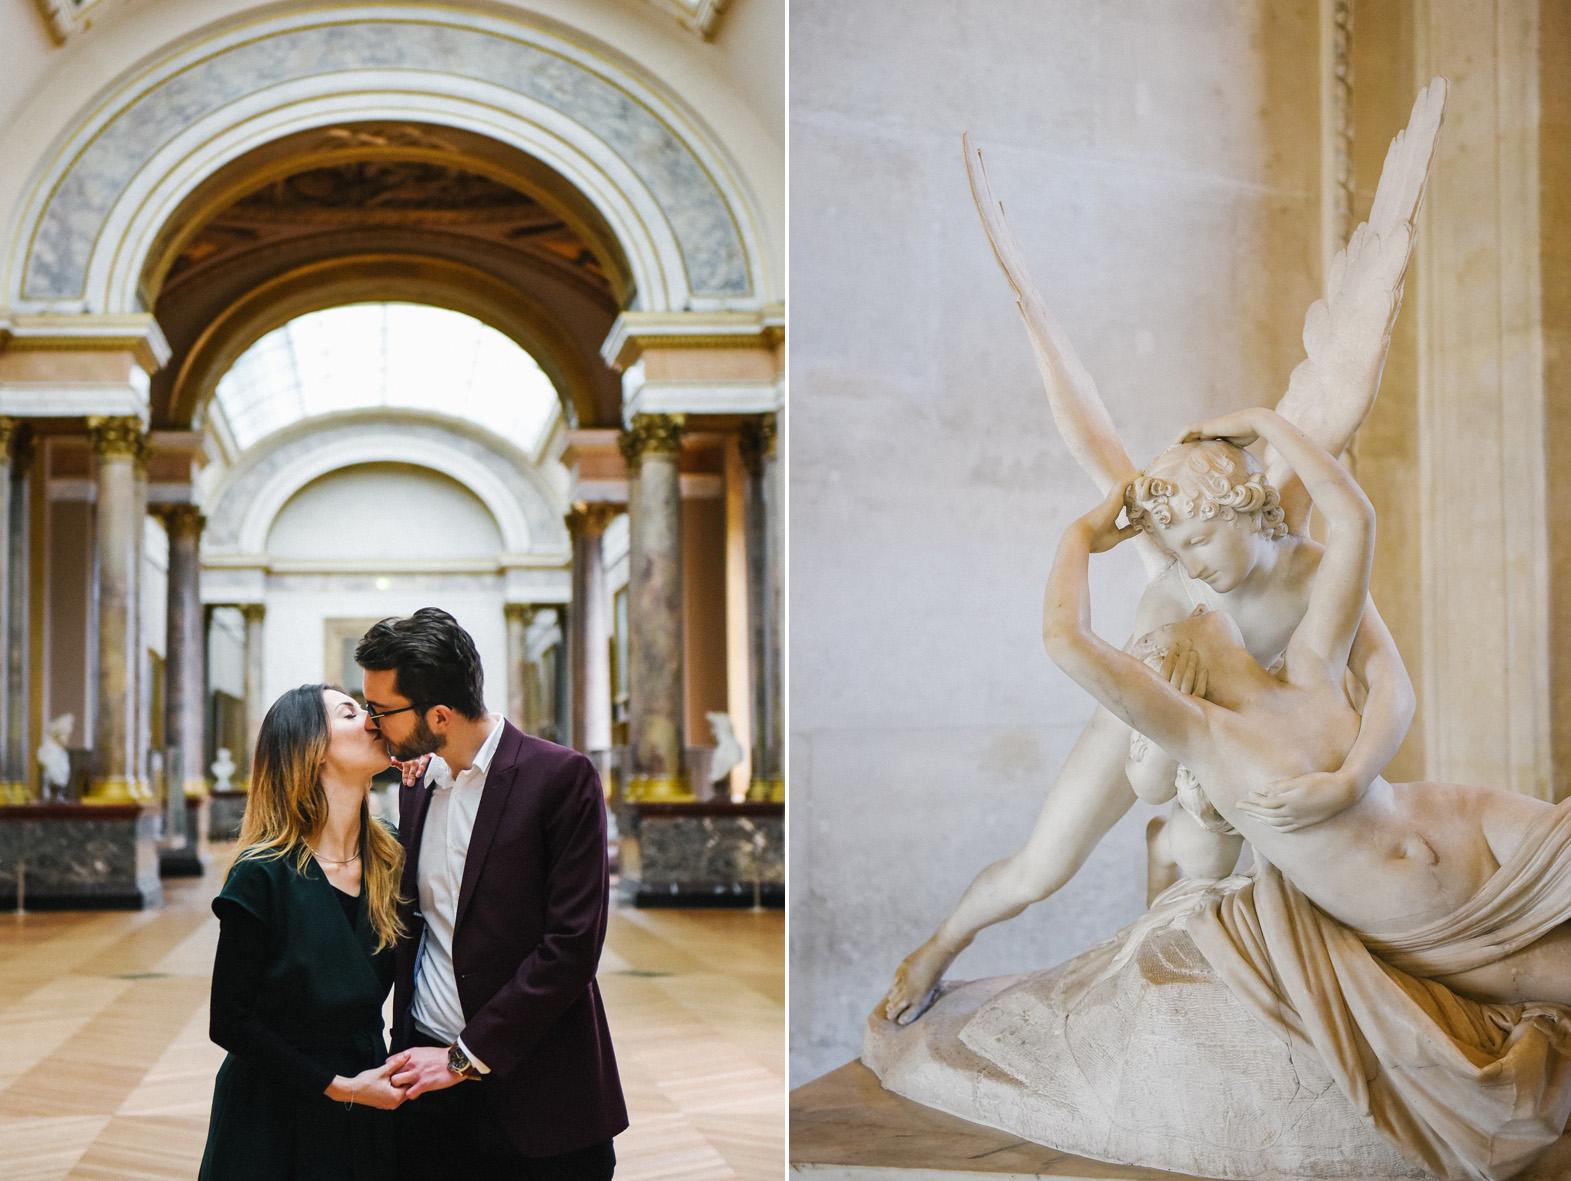 un couple s'embrasse à côté d'une sculpture dans le musée du Louvre